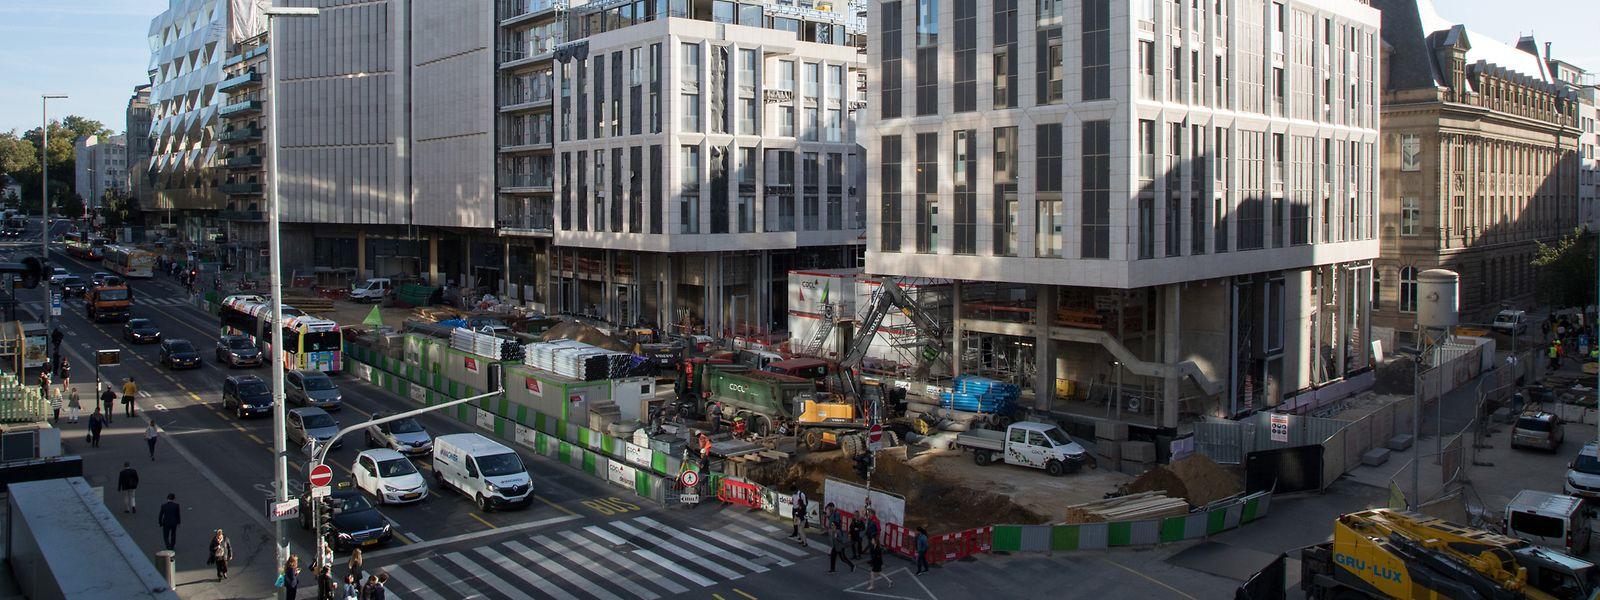 Da Teile der Aldringer-Unterführung am Boulevard Royal beim Bau der Royal-Hamilius-Gebäude nicht rechtzeitig vor Juni abgerissen worden waren, ist die Luxtram-Baustelle im Sommer ins Stocken geraten. Mit dem Abriss wurde schließlich am 3. September begonnen.